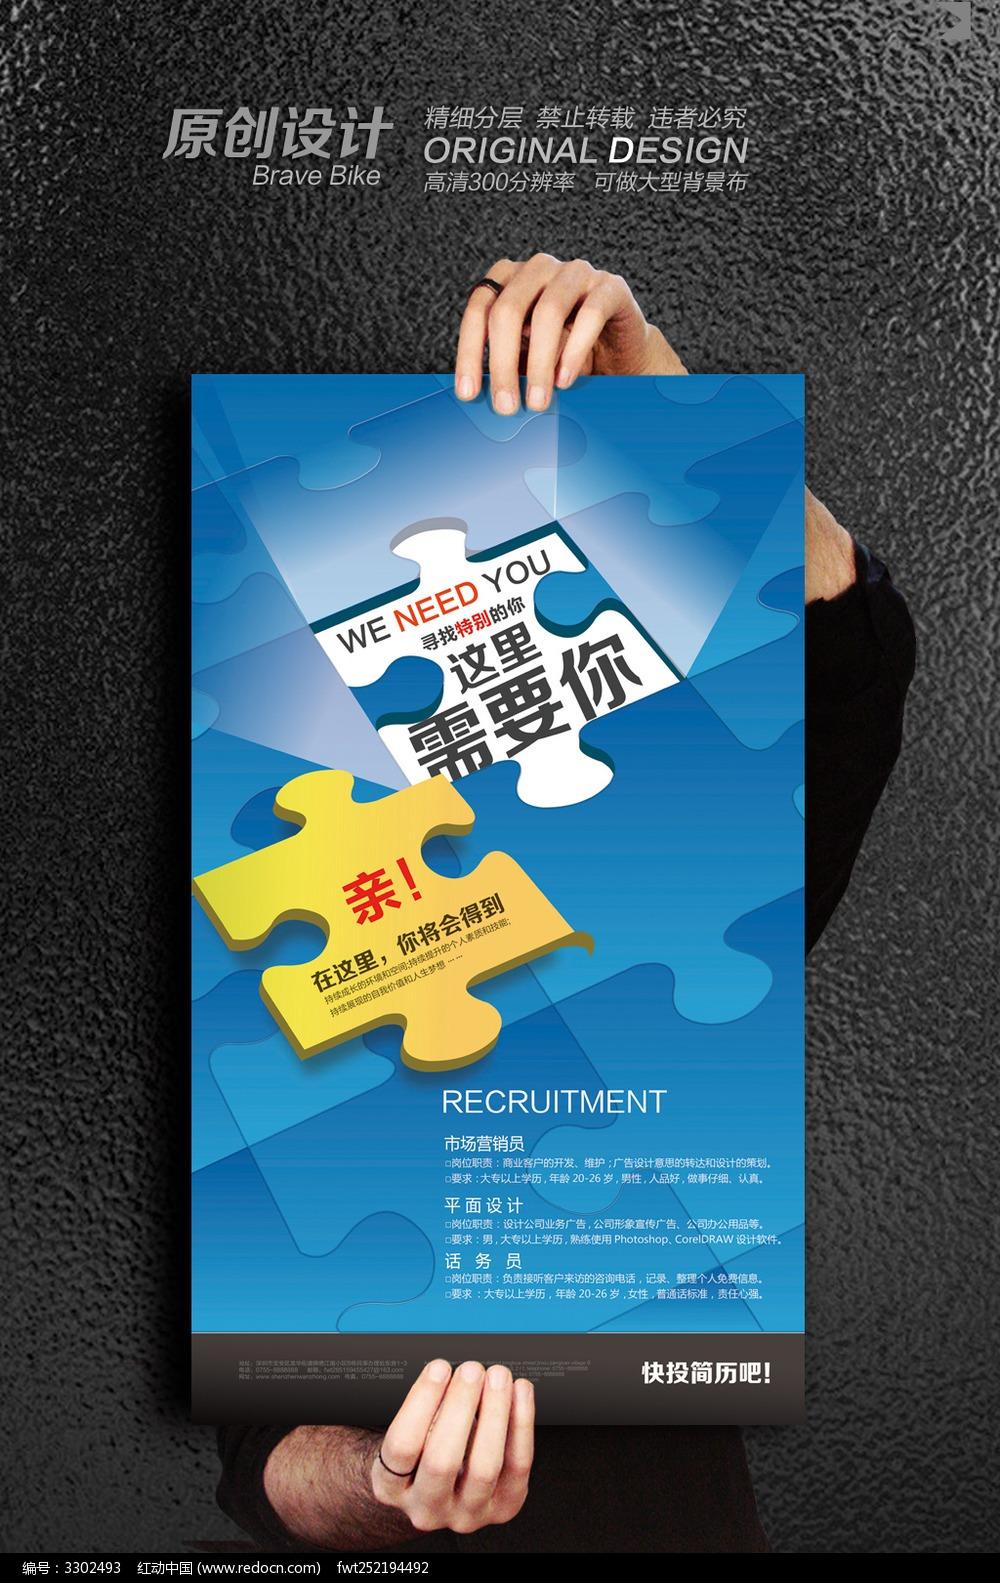 拼图团队创意招聘海报设计设计模板下载(编号:3302493